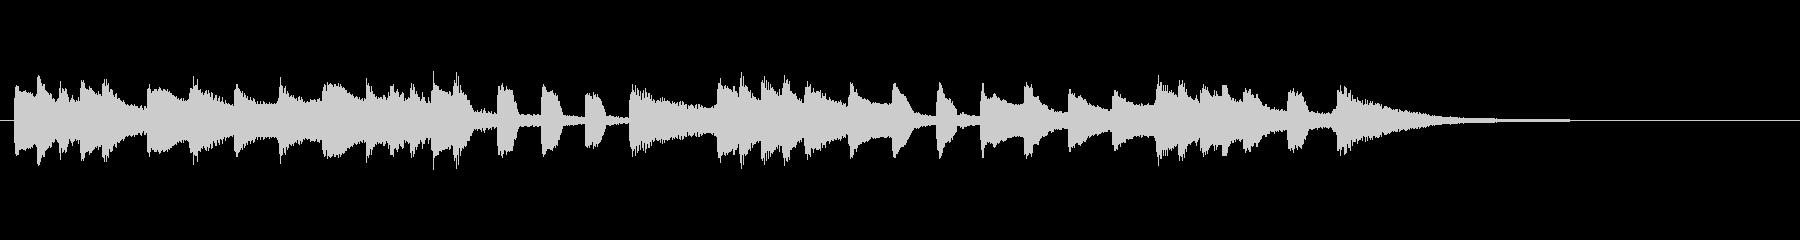 伝統を感じさせるハープシコードの調べの未再生の波形